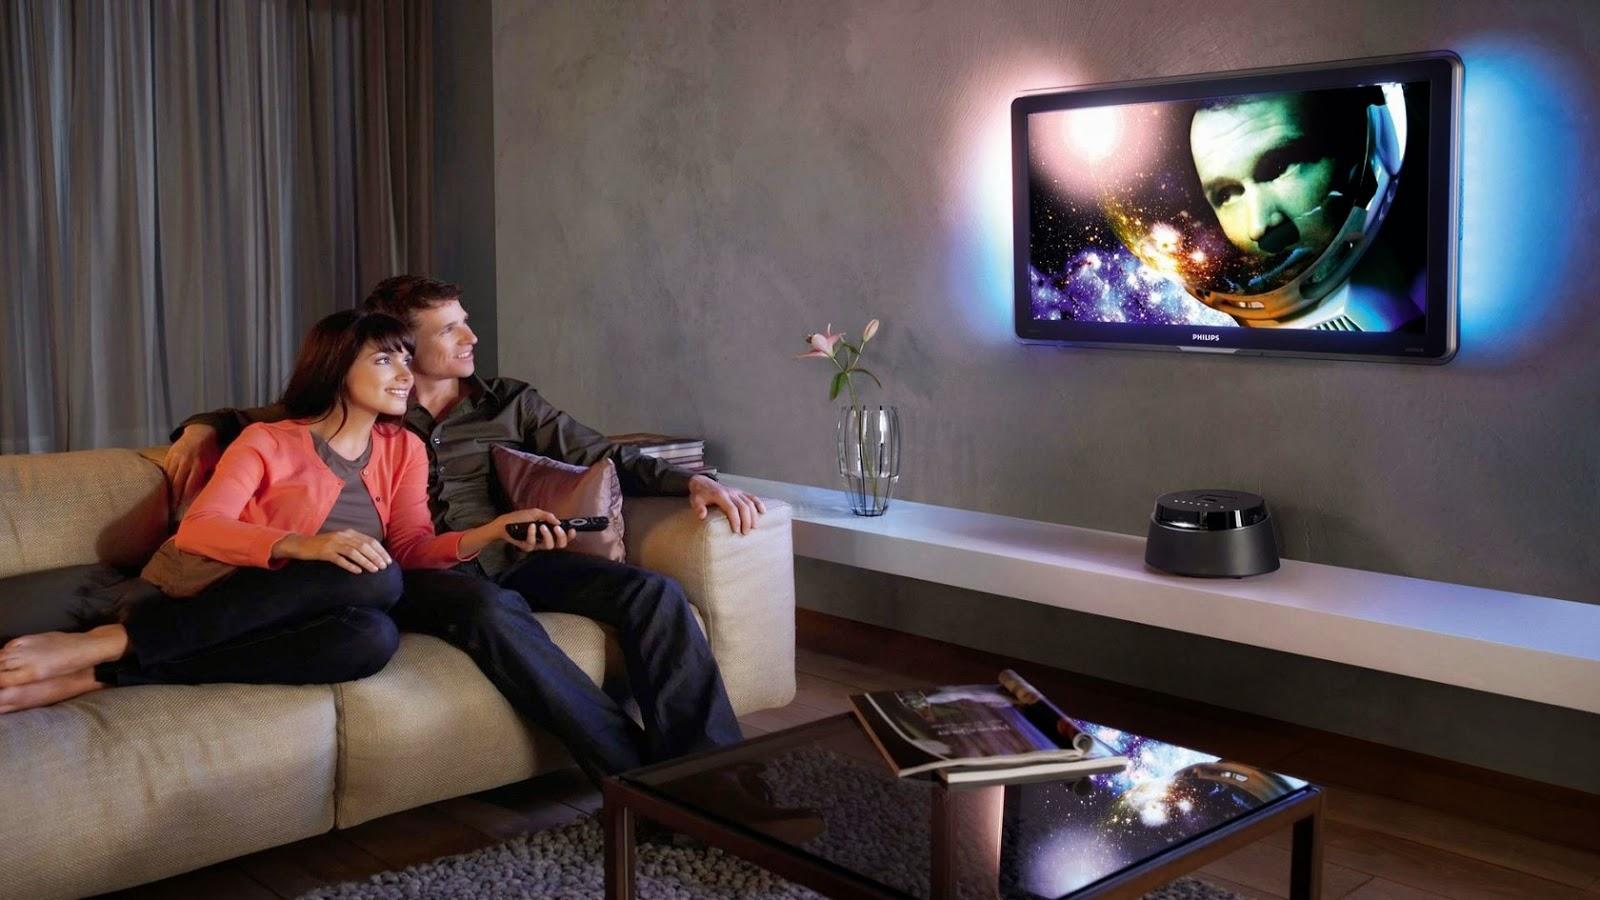 اضرار مشاهدة التلفاز على العين